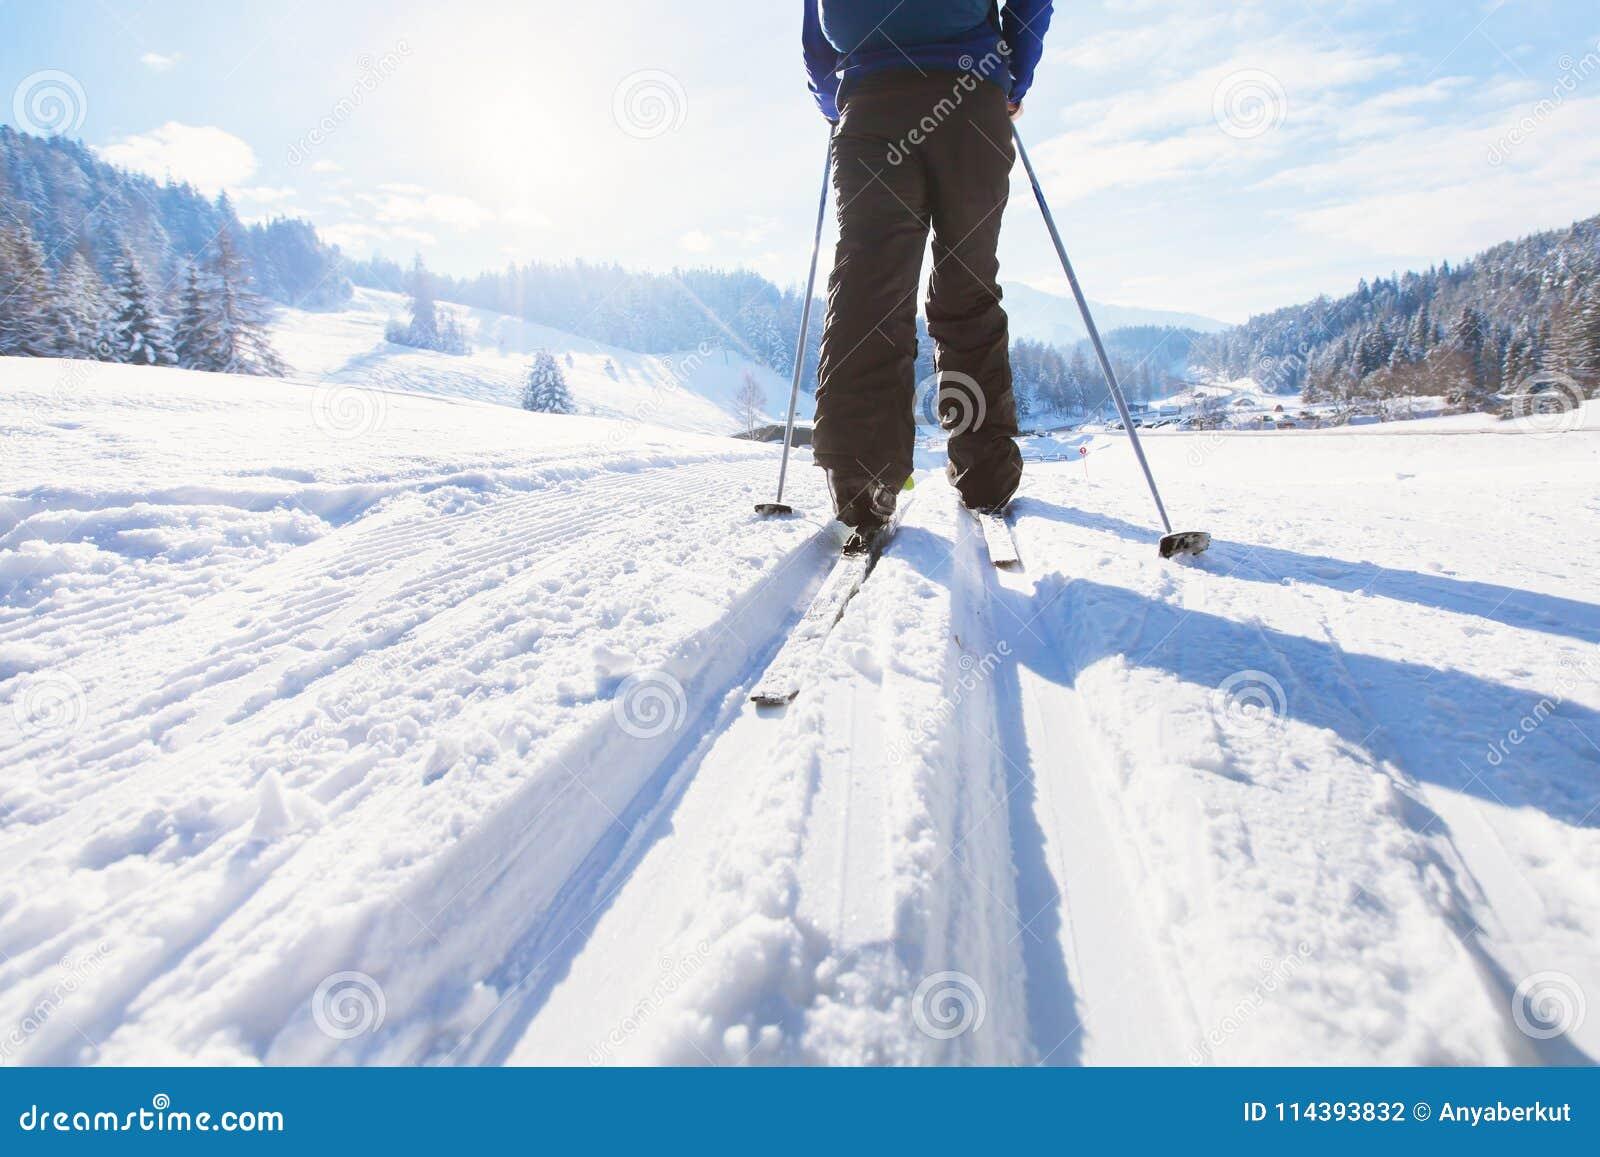 Esqui no inverno